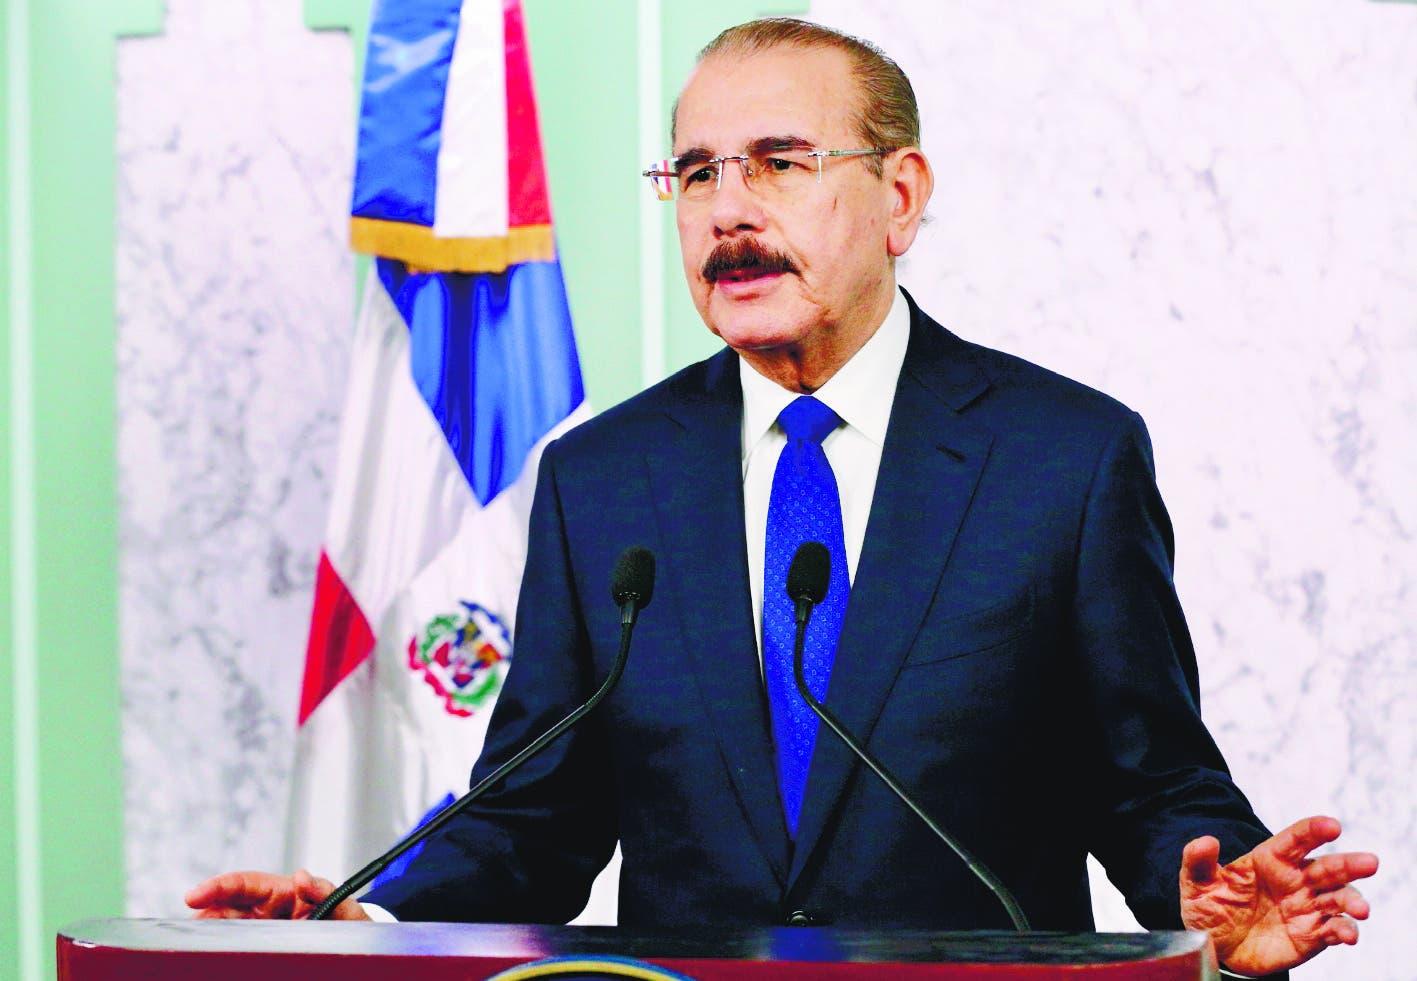 Danilo Medina reafirmo que en las próximas horas el gobierno hará una declaratoria de emergencia sanitaria en el país, para aplicar una serie de medidas que garantizarán el cumplimiento de las disposiciones establecidas por la Organización Mundial de la Salud.